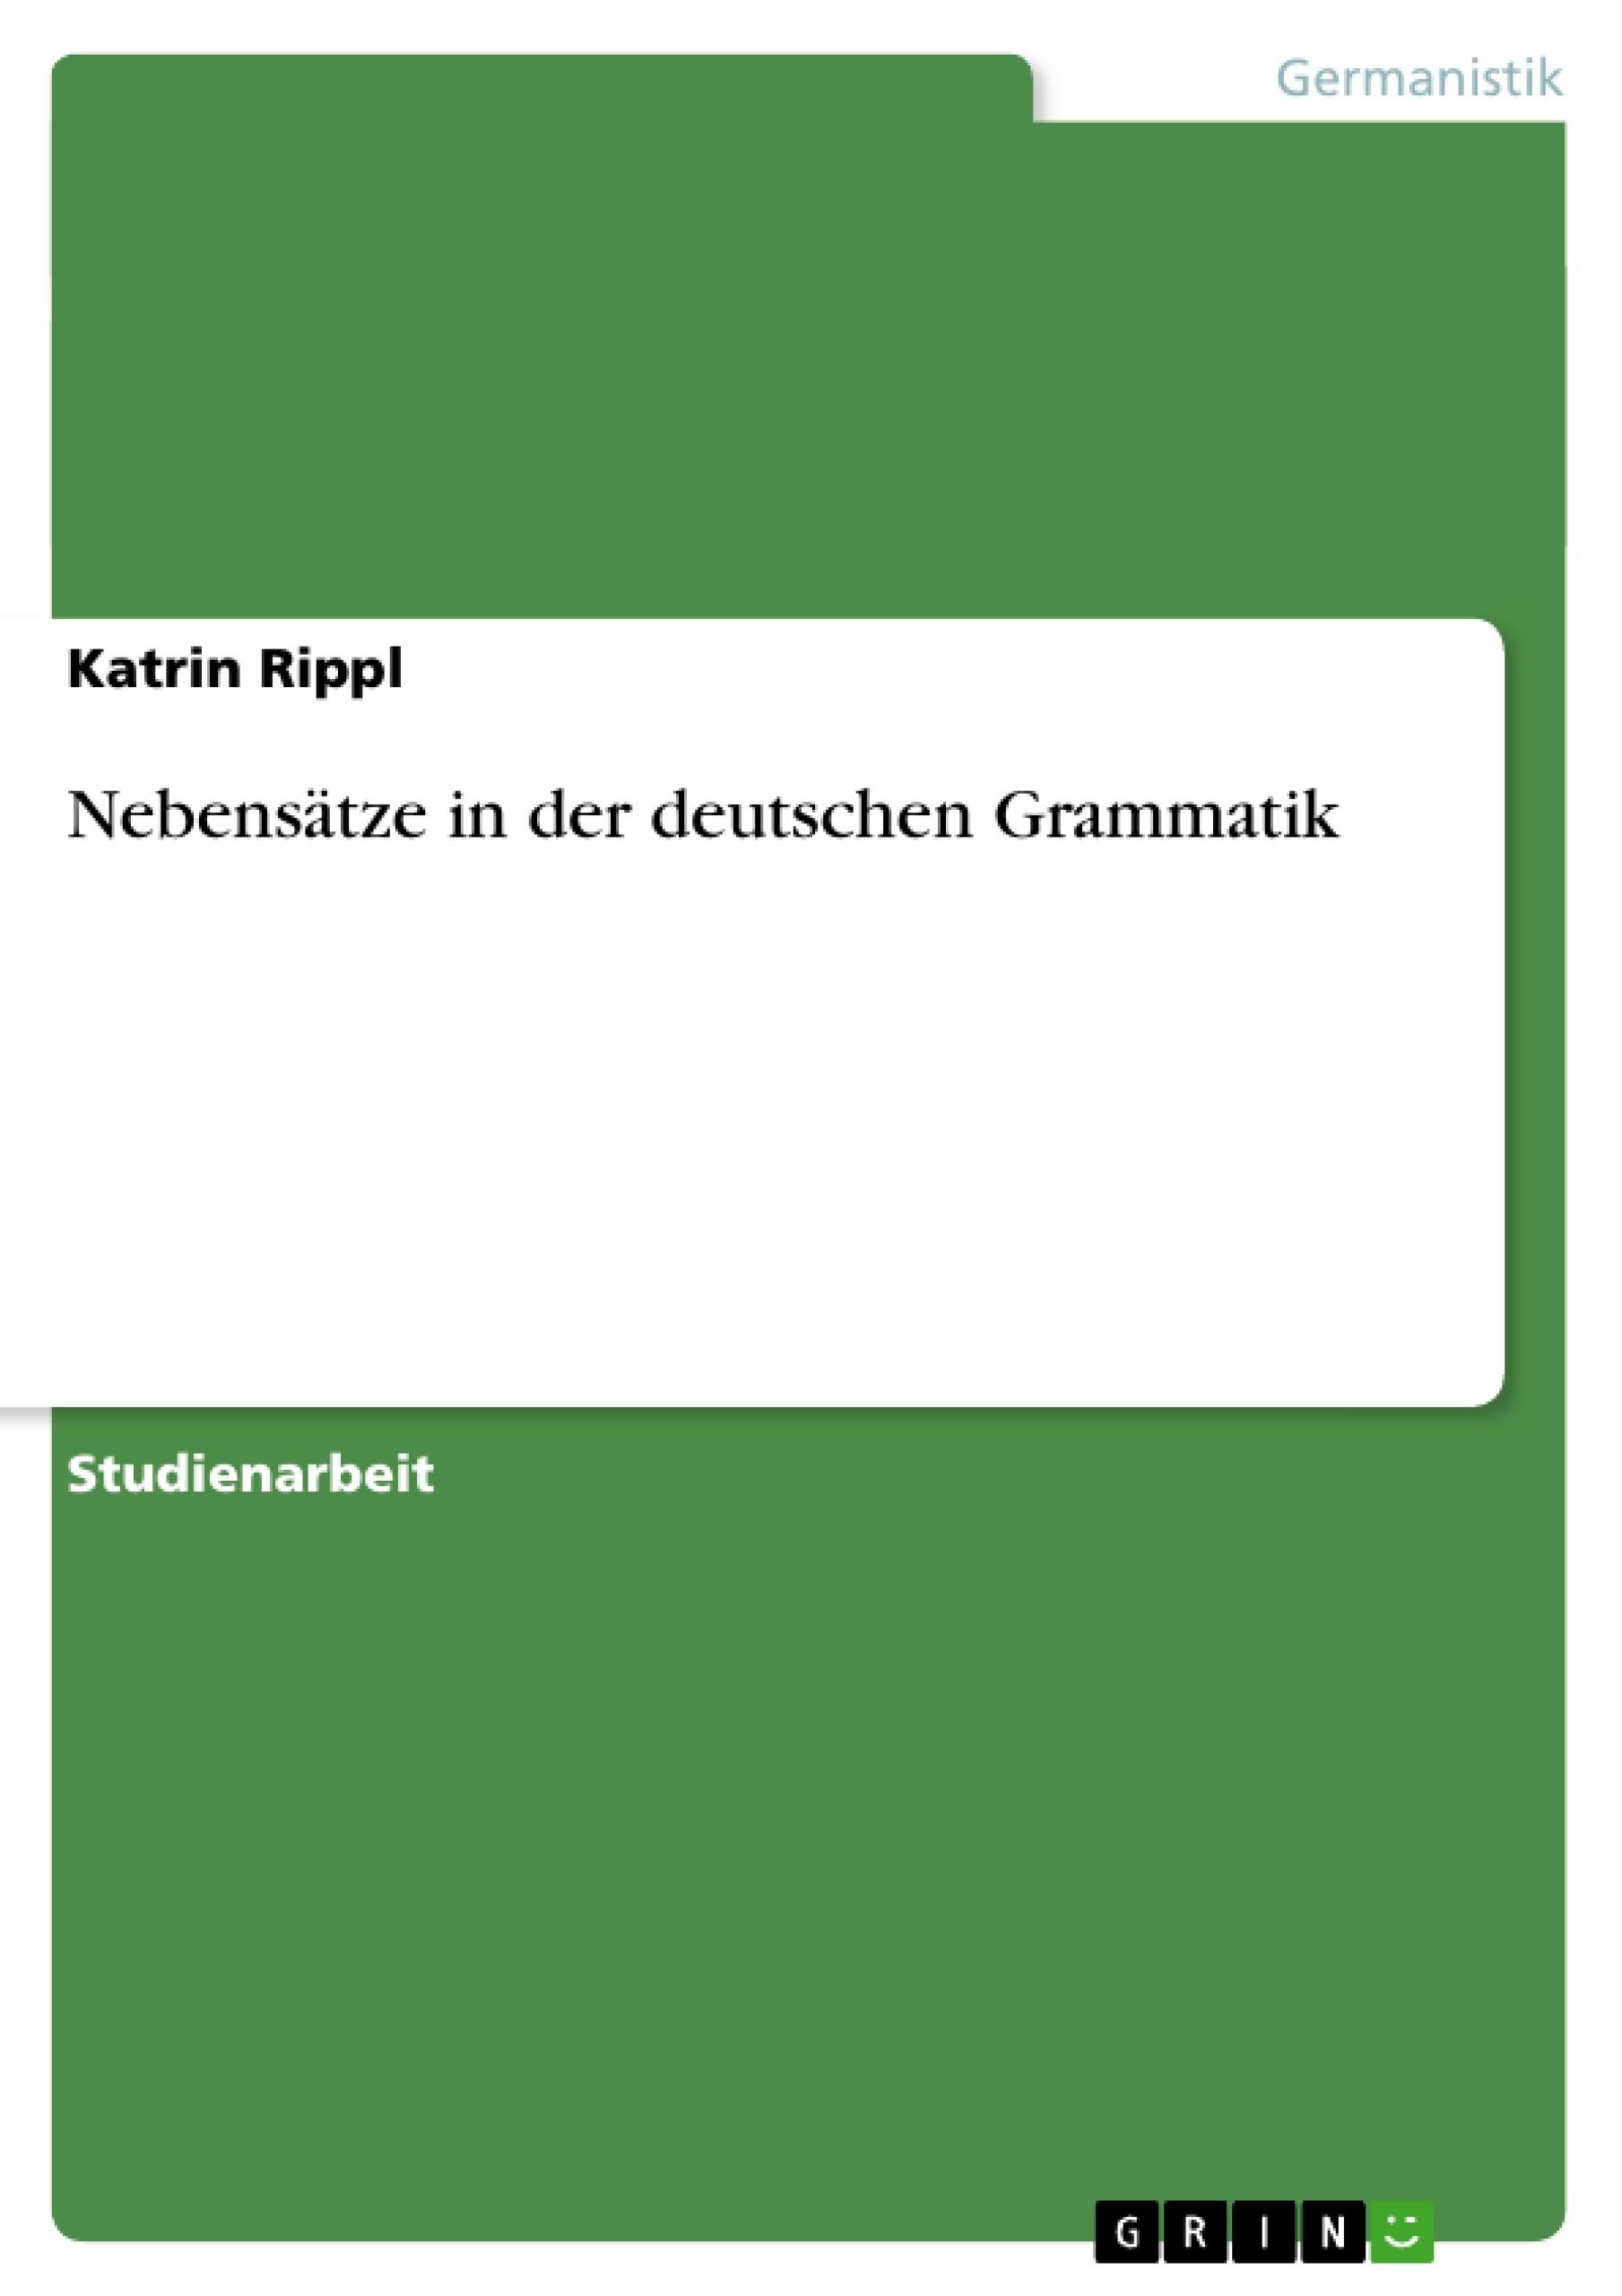 Titel: Nebensätze in der deutschen Grammatik